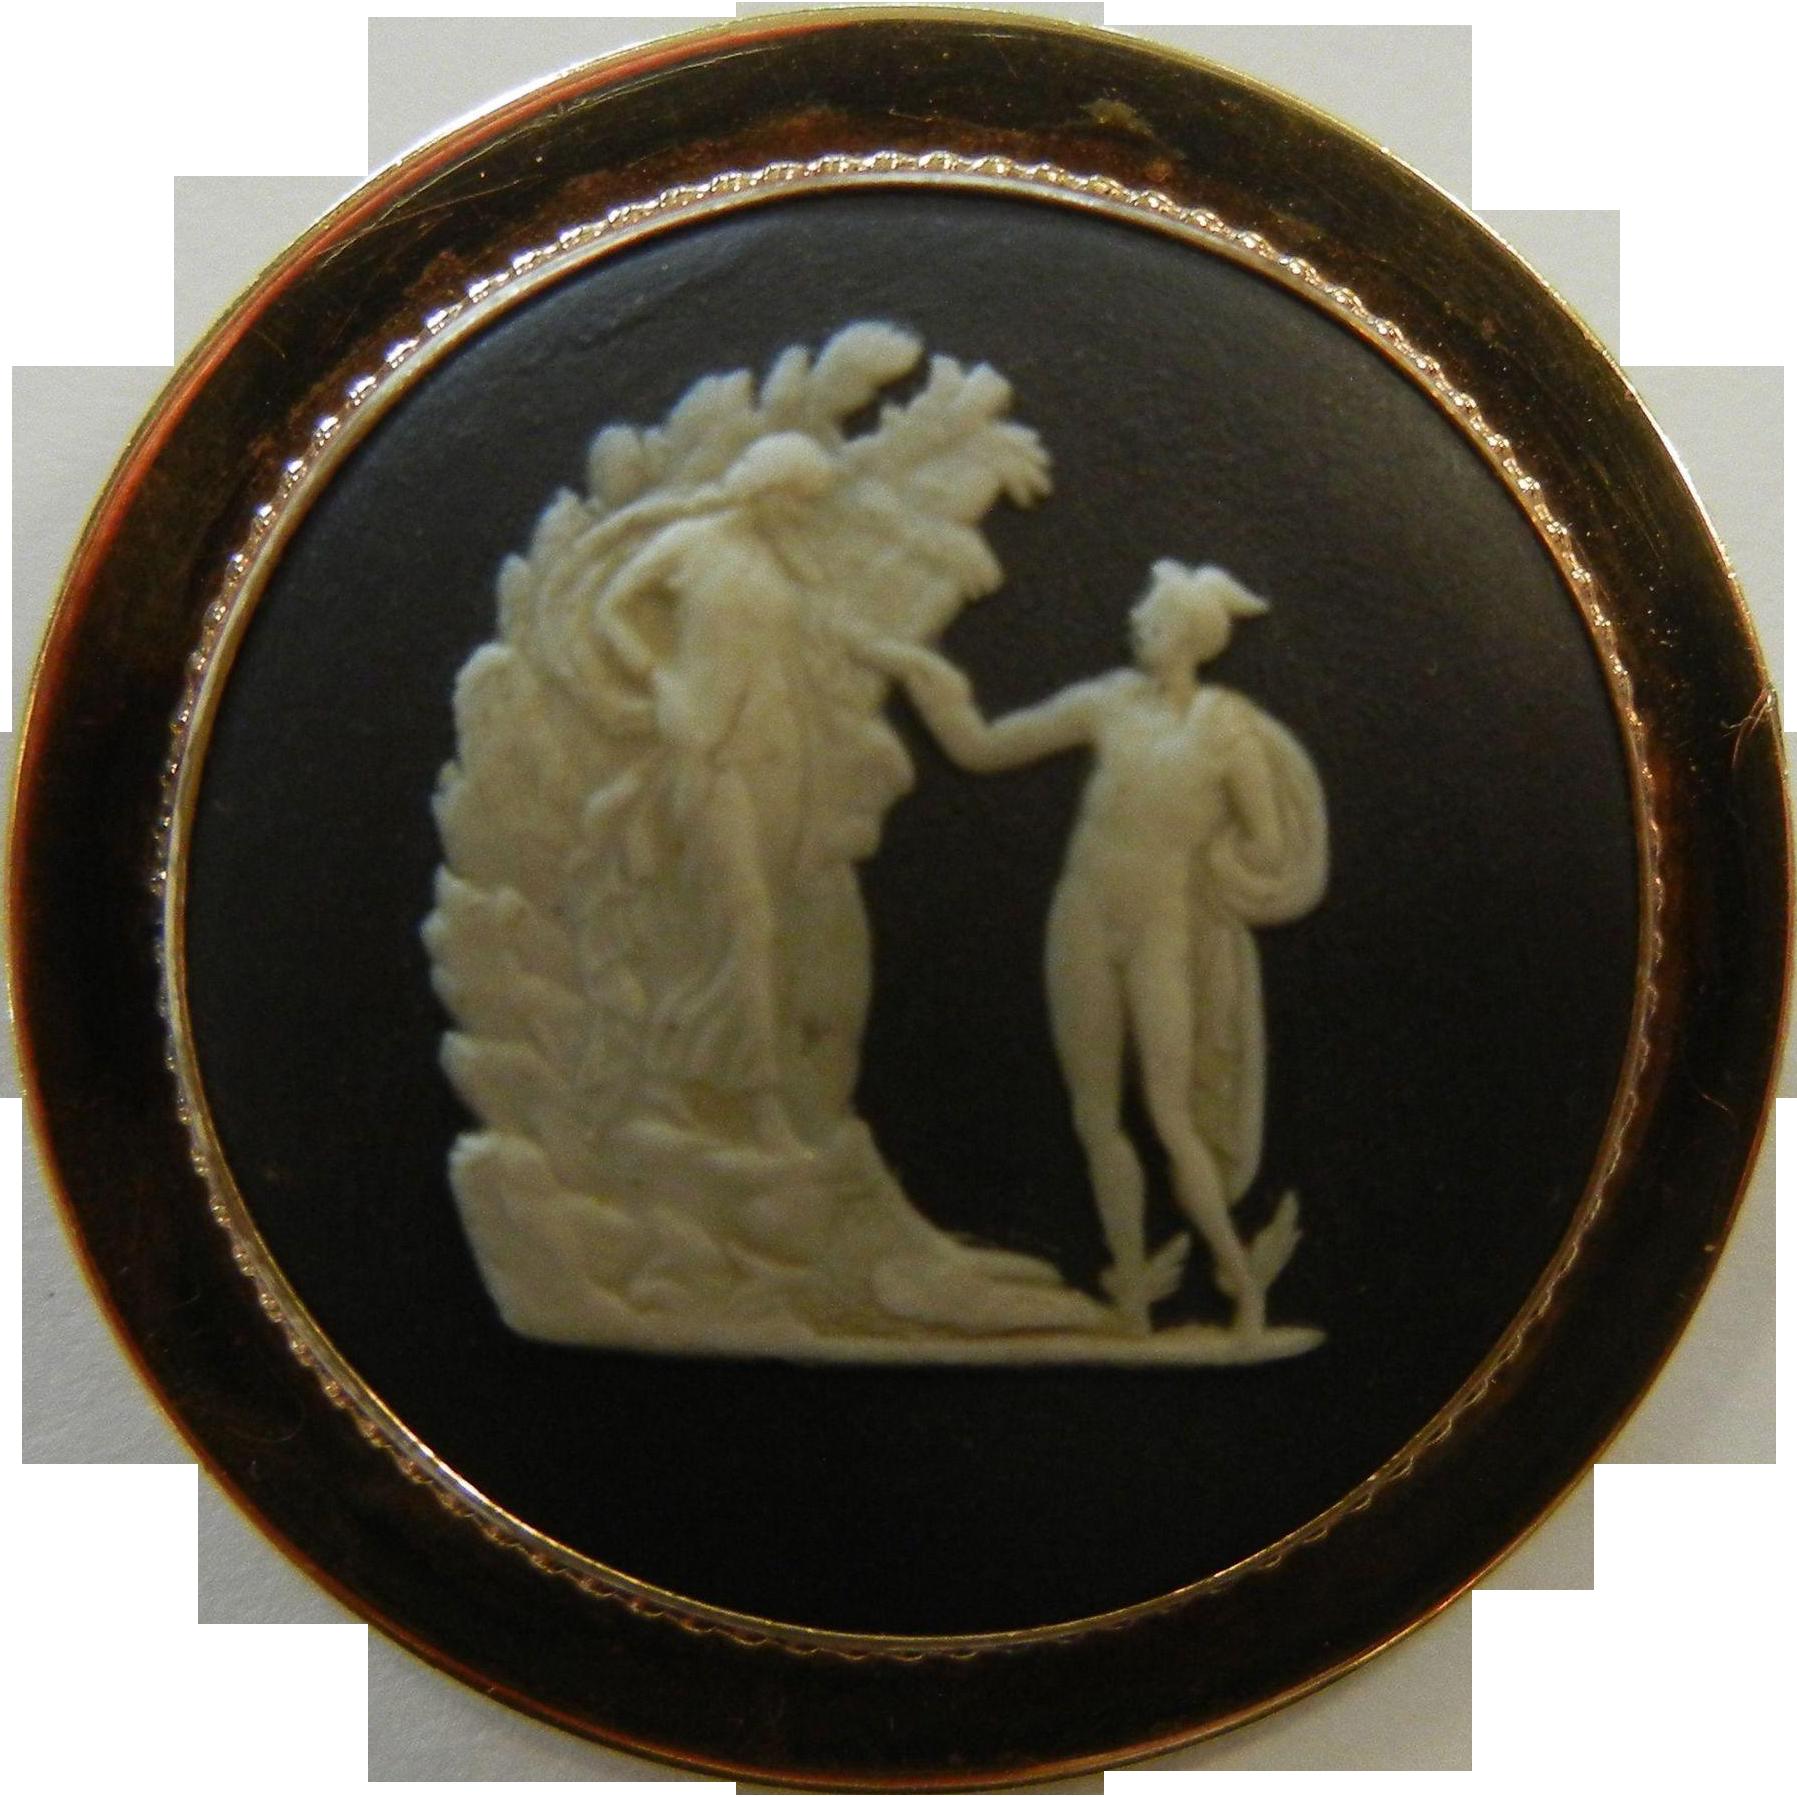 Vintage Wedgwood England Porcelain Cabochon Gold Filled Brooch